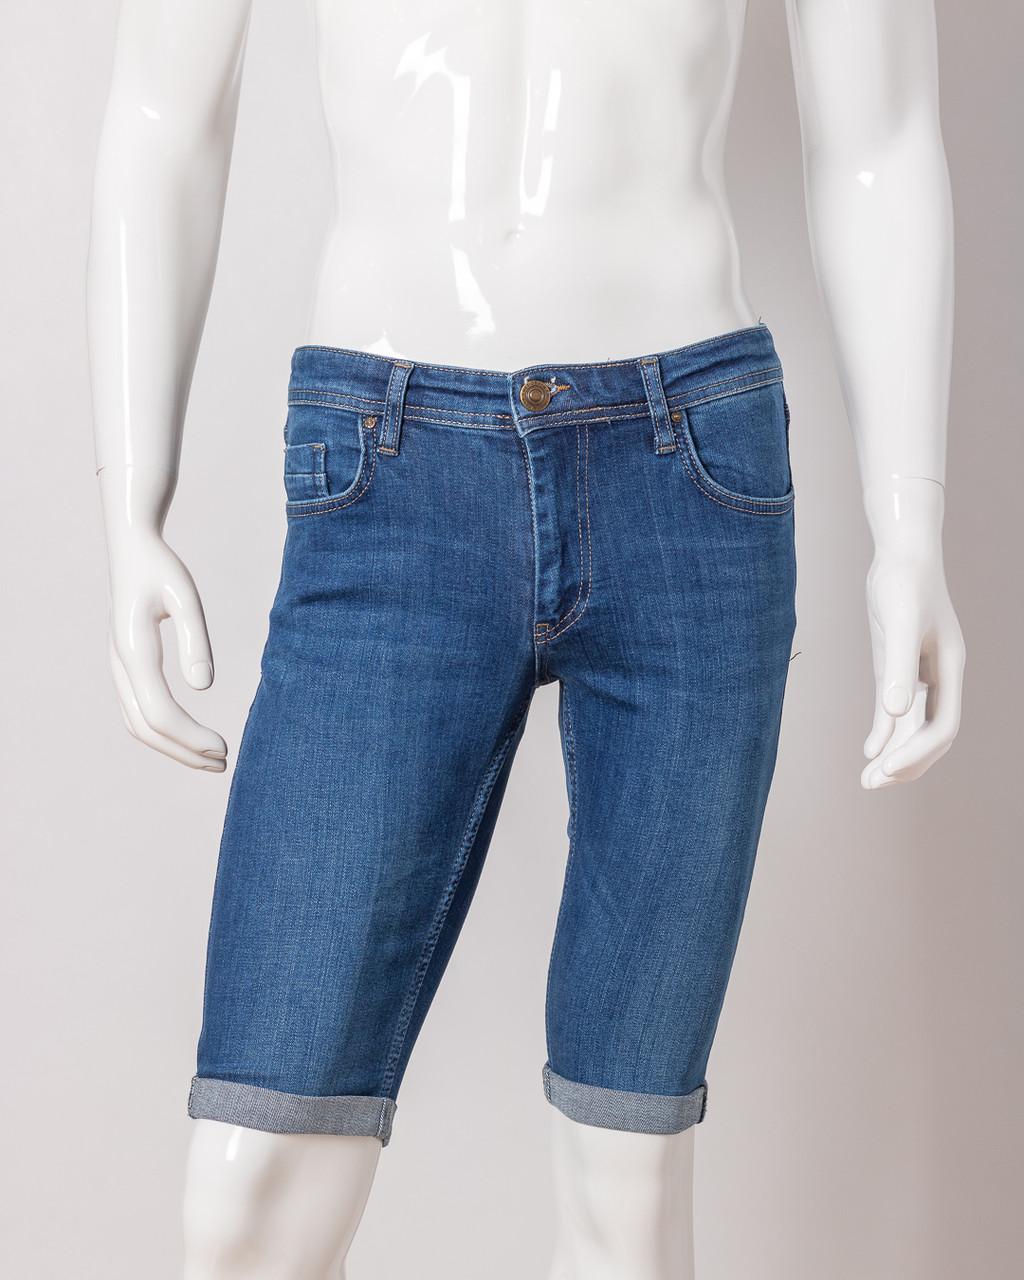 Шорты джинсовые мужские COLT CJ ES 7064-04 MAVI